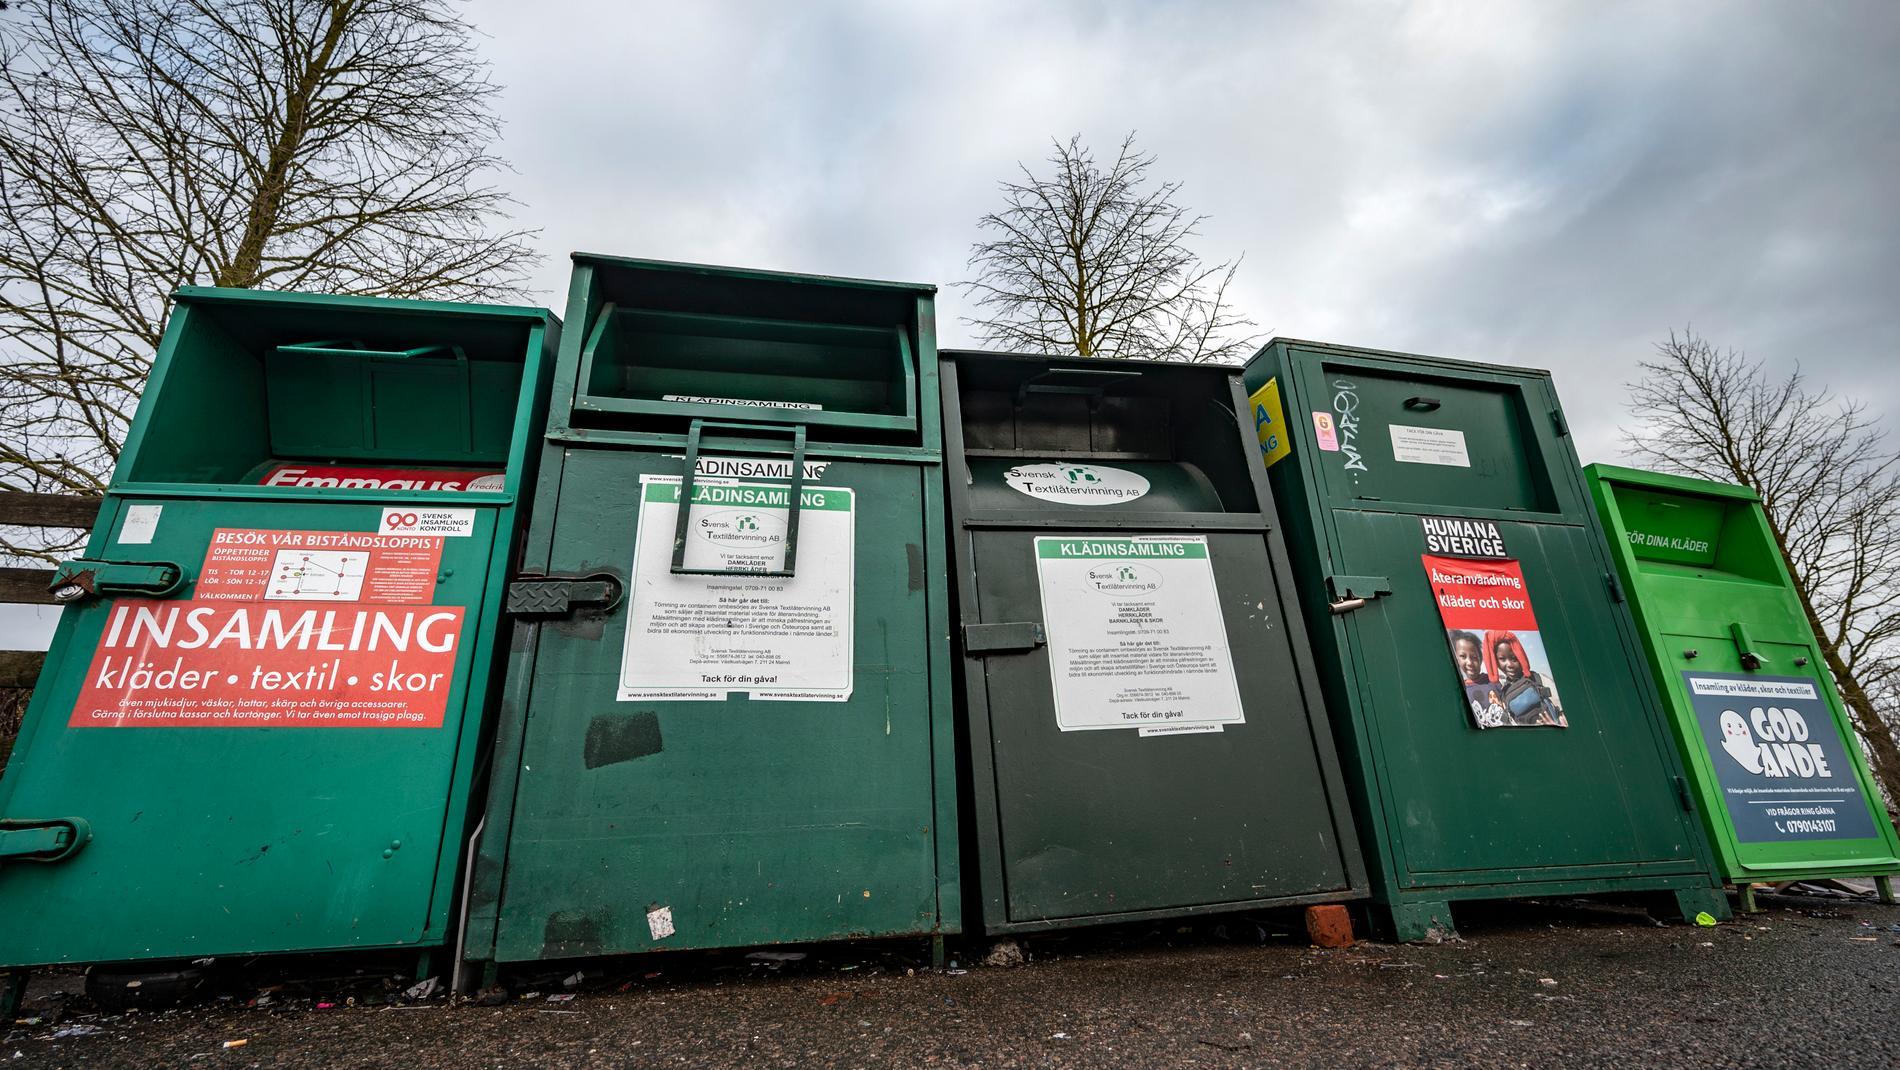 Två män åtalas för att ha stulit 4,6 ton kläder ur insamlingscontainrar på flera platser i Västsverige. Arkivbild.